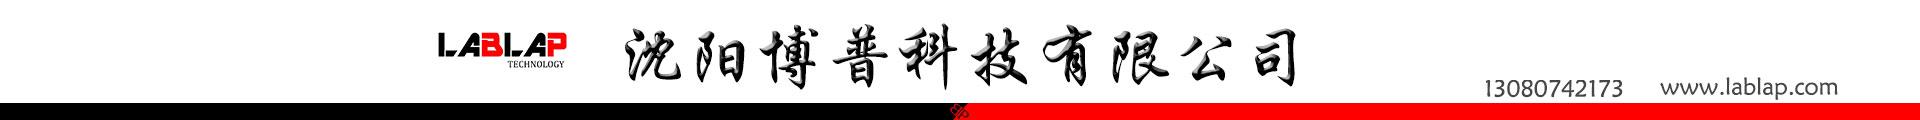 沈阳博普科技有限公司